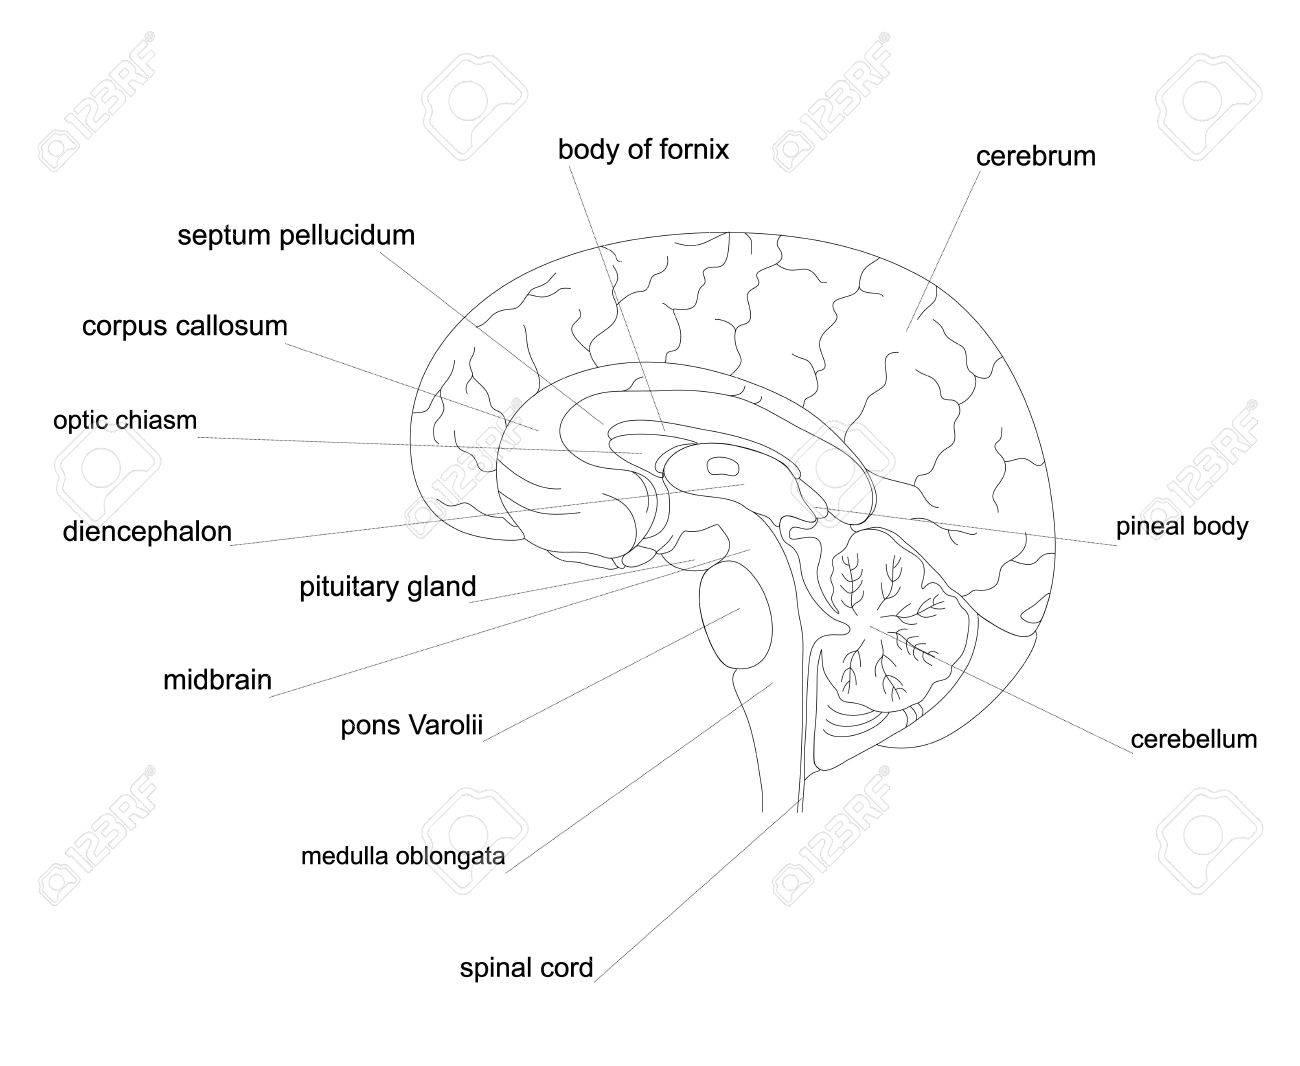 Esquema Anatomía Del Cerebro Humano. Diagrama De Línea Del Sistema ...